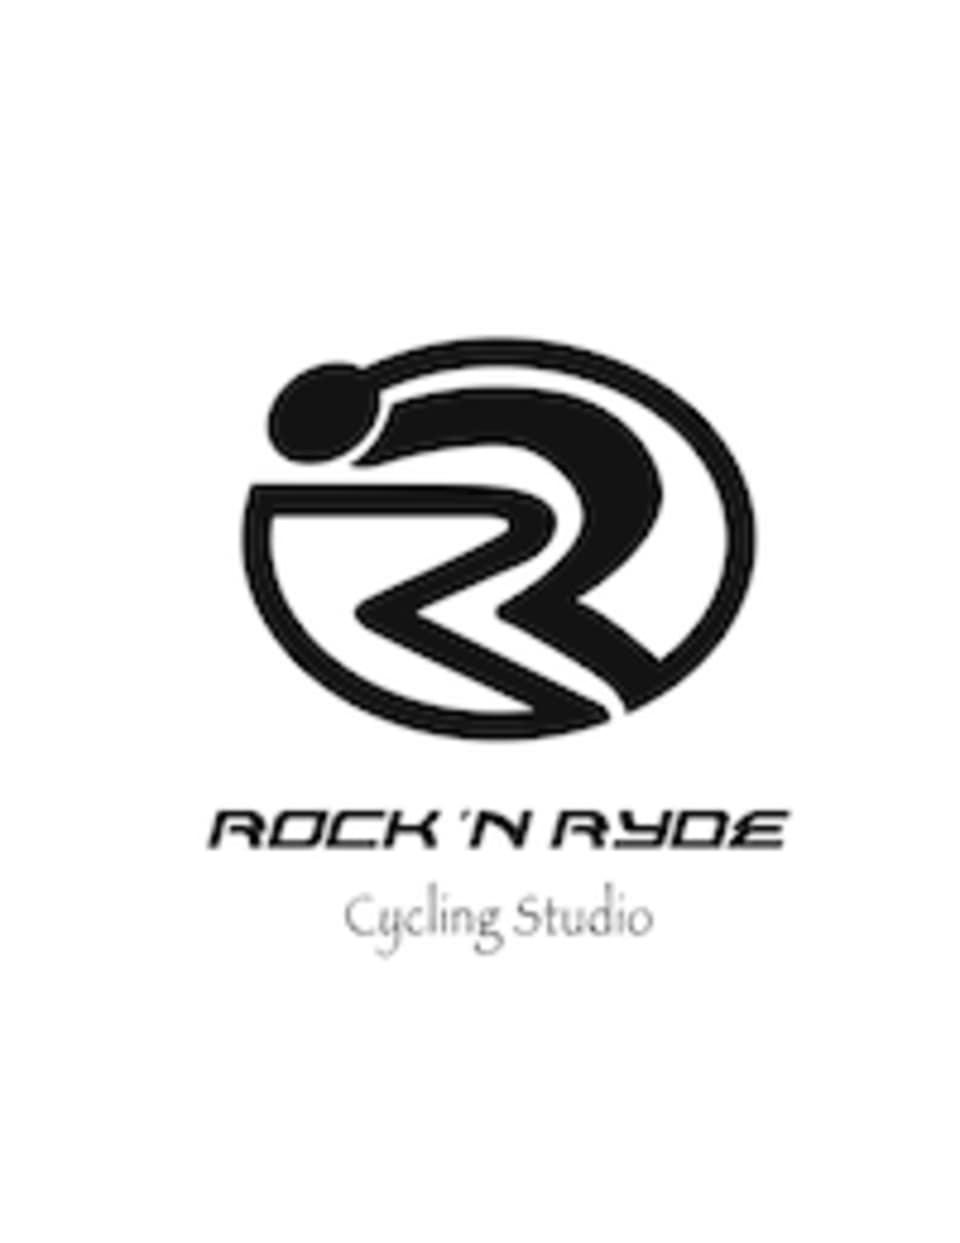 Rock N Ryde Indoor Cycling logo